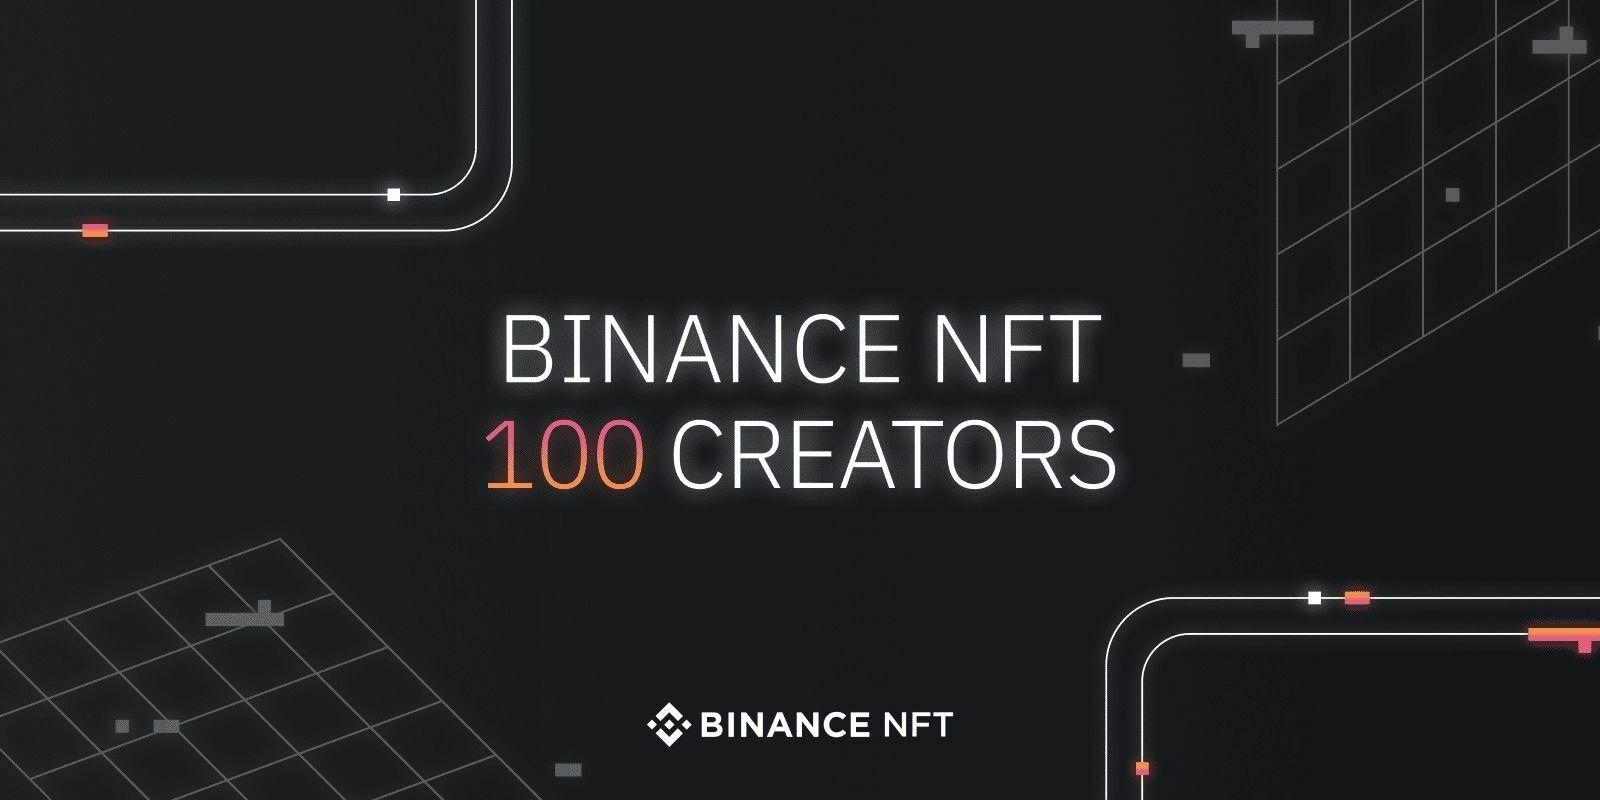 Binance sélectionne 100 artistes pour le lancement de sa plateforme dédiée aux NFTs